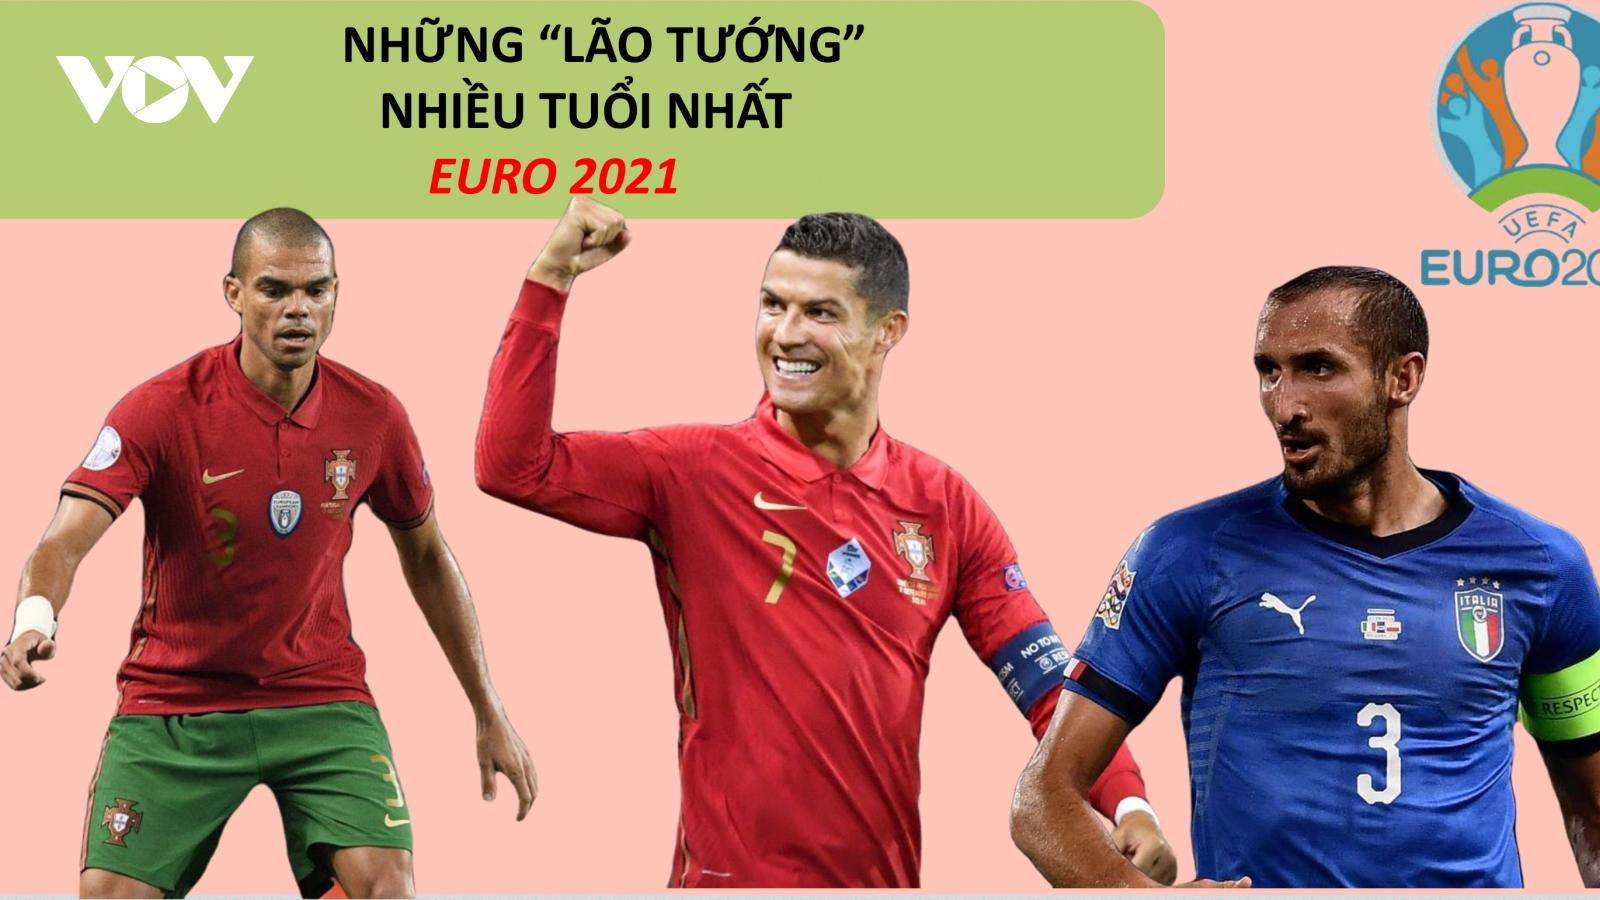 """Ronaldo và những """"lão tướng"""" nhiều tuổi nhất EURO 2021"""